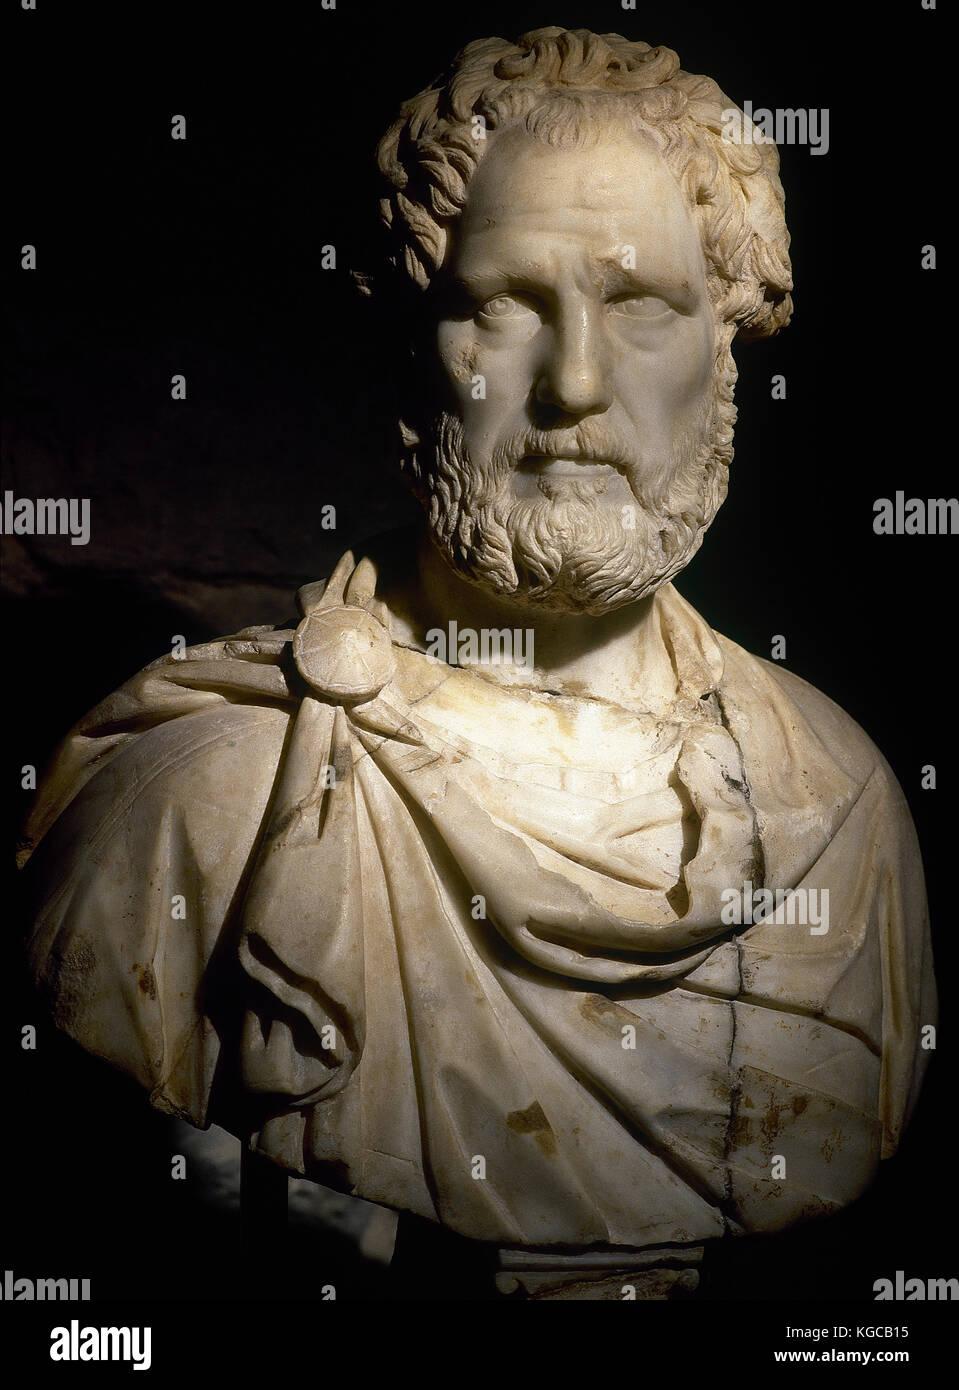 Busto romano probabilmente di imperatore romano Antonino Pio (86-161 ad). marmo. Ii secolo d.c. museo di storia Immagini Stock